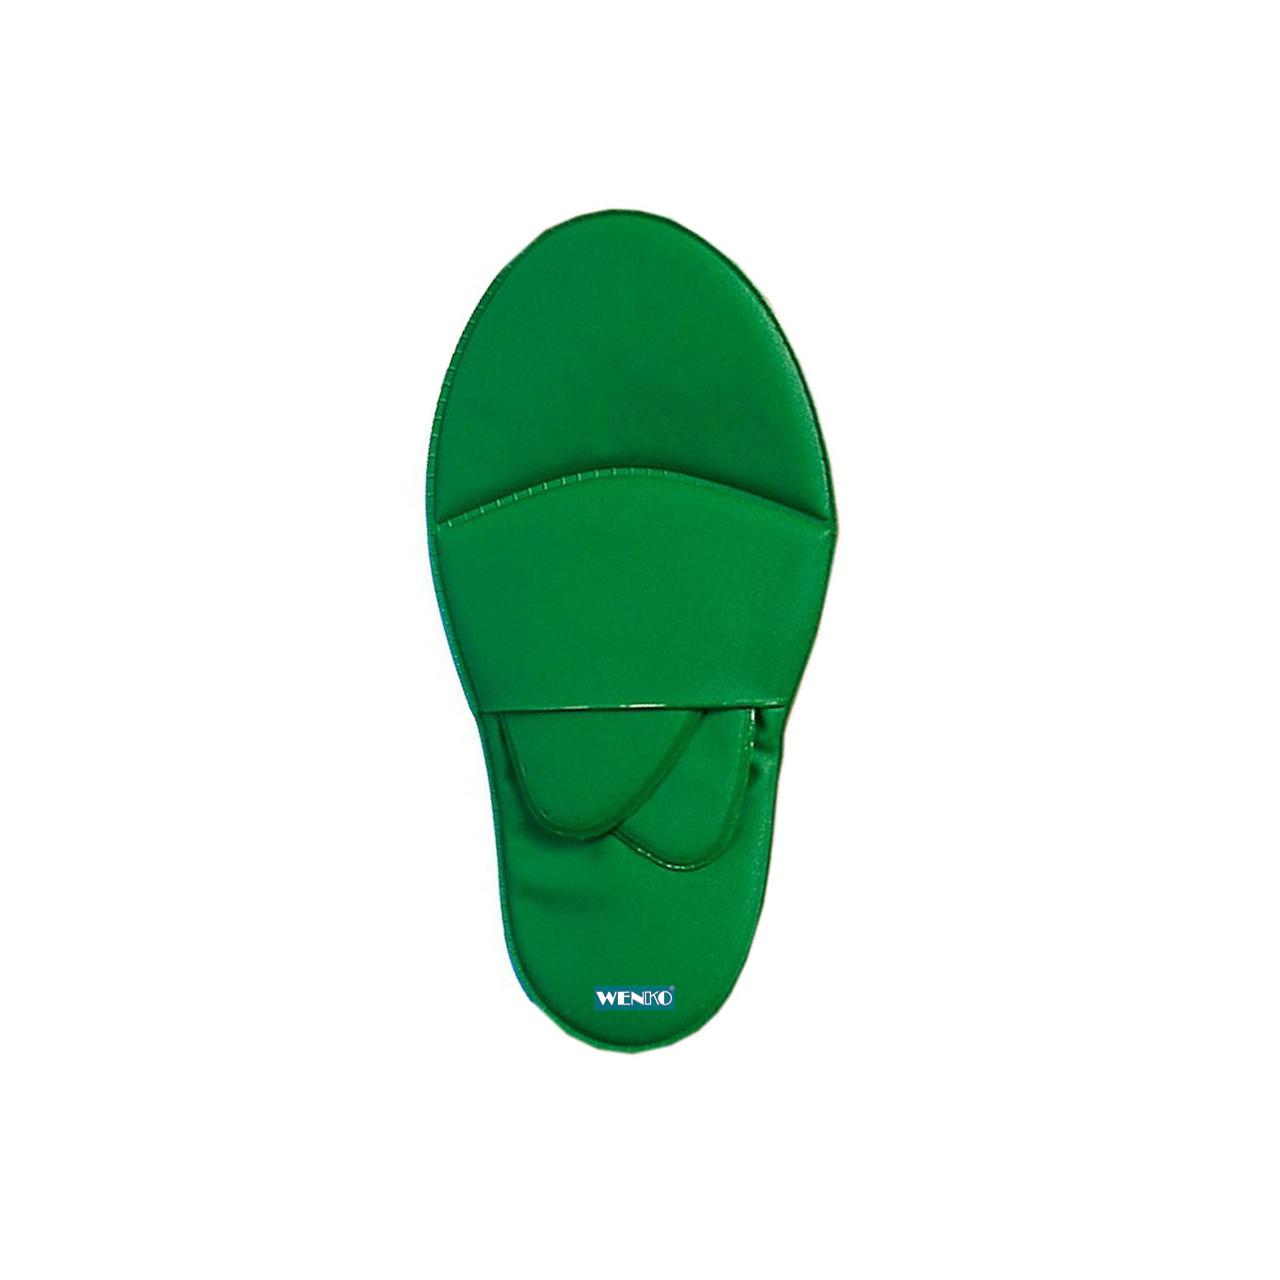 کفی طبی کفش ونکو مدل Green